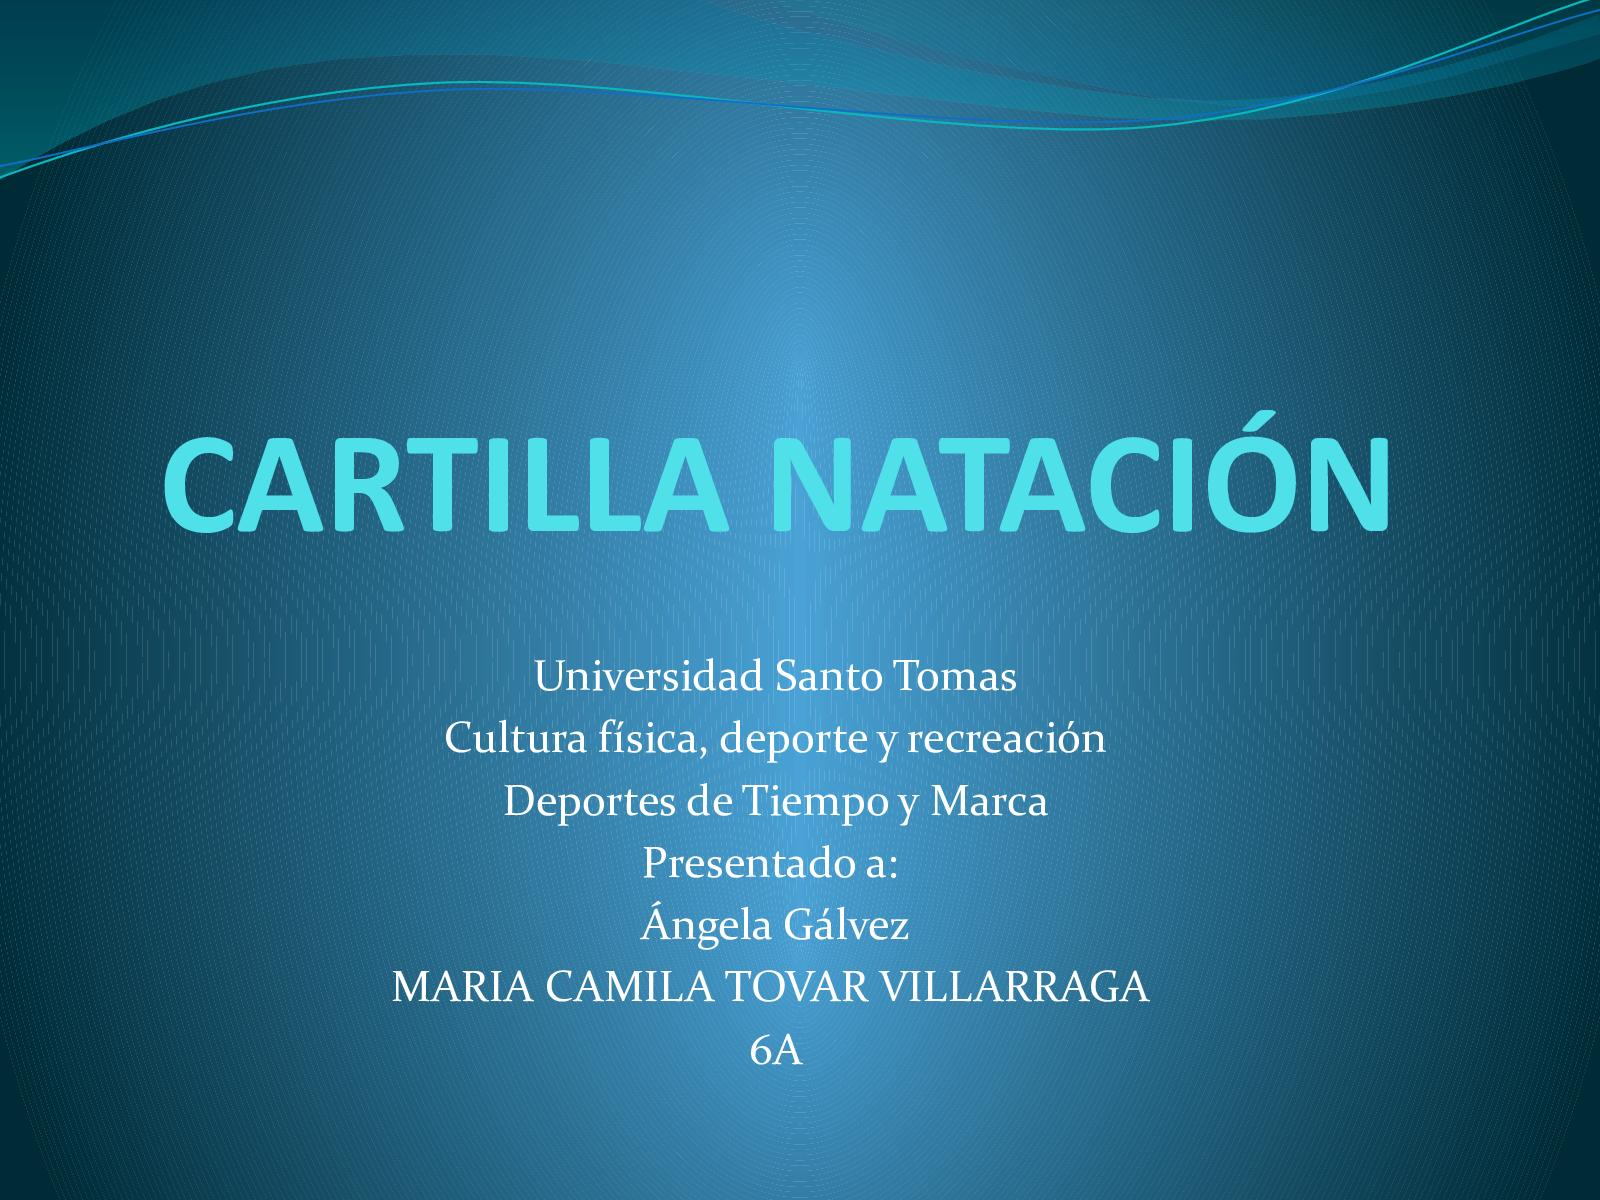 Cartilla Natación Camila